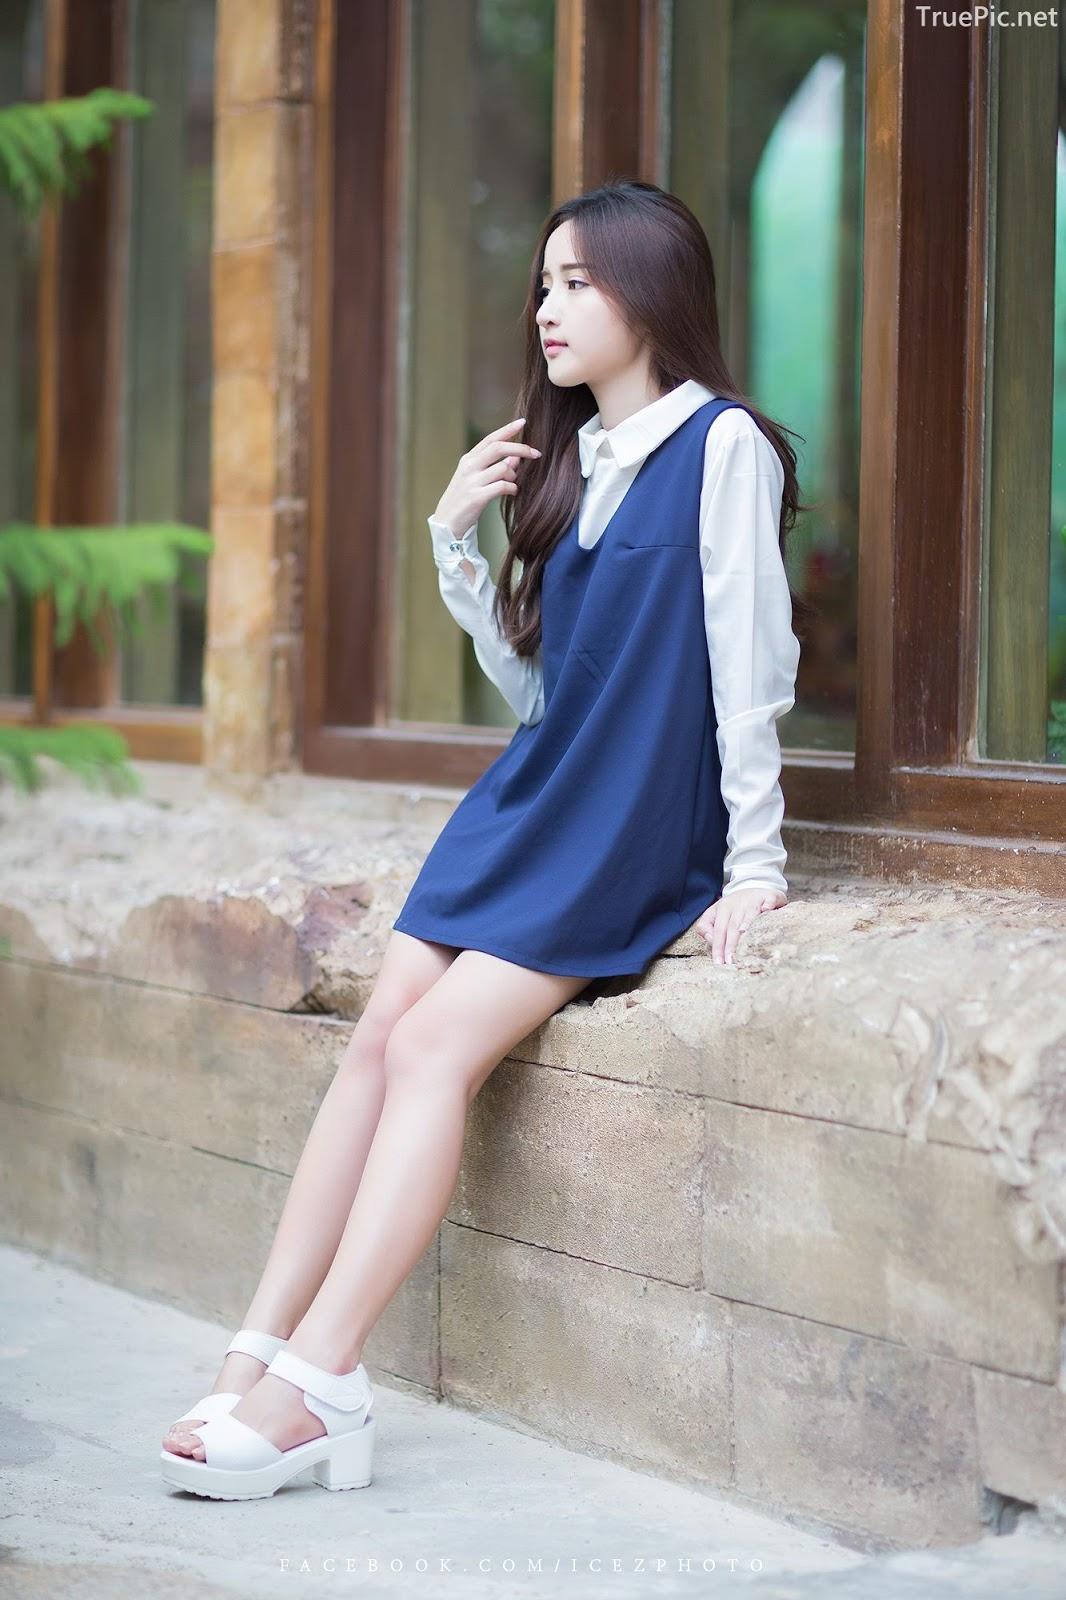 Thailand Hot Girl - Thanyarat Charoenpornkittada - Welcome to my world - TruePic.net - Picture 9